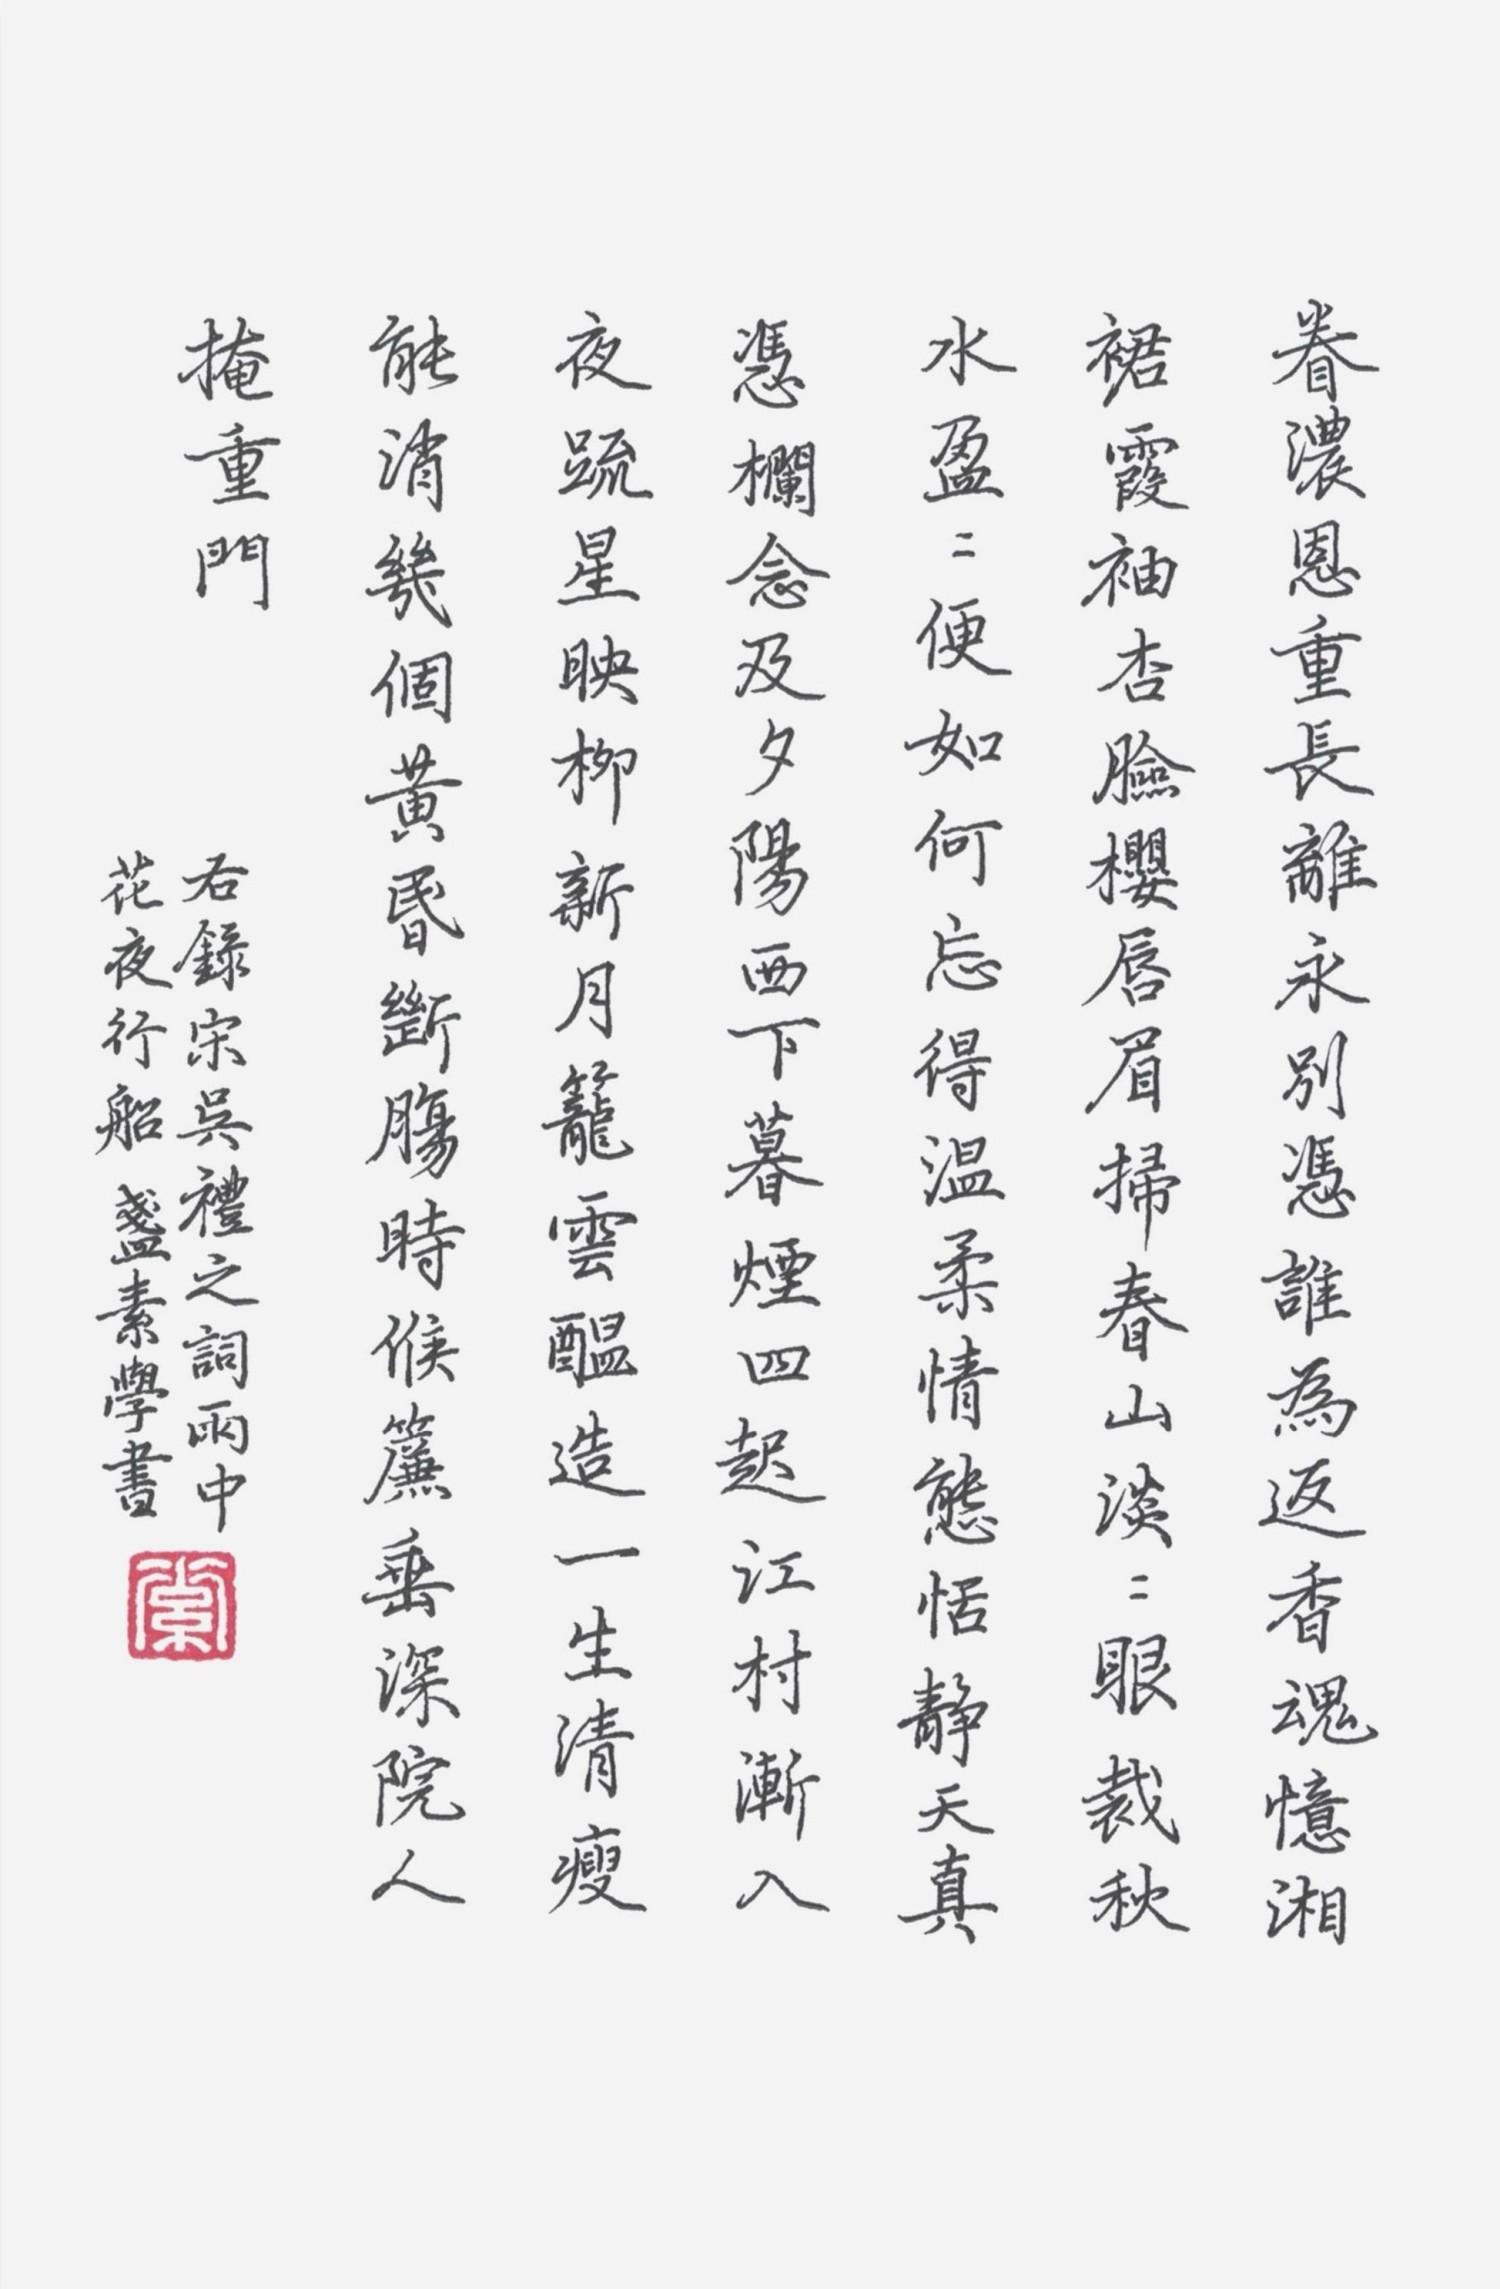 钢笔书法练字打卡20210518-04